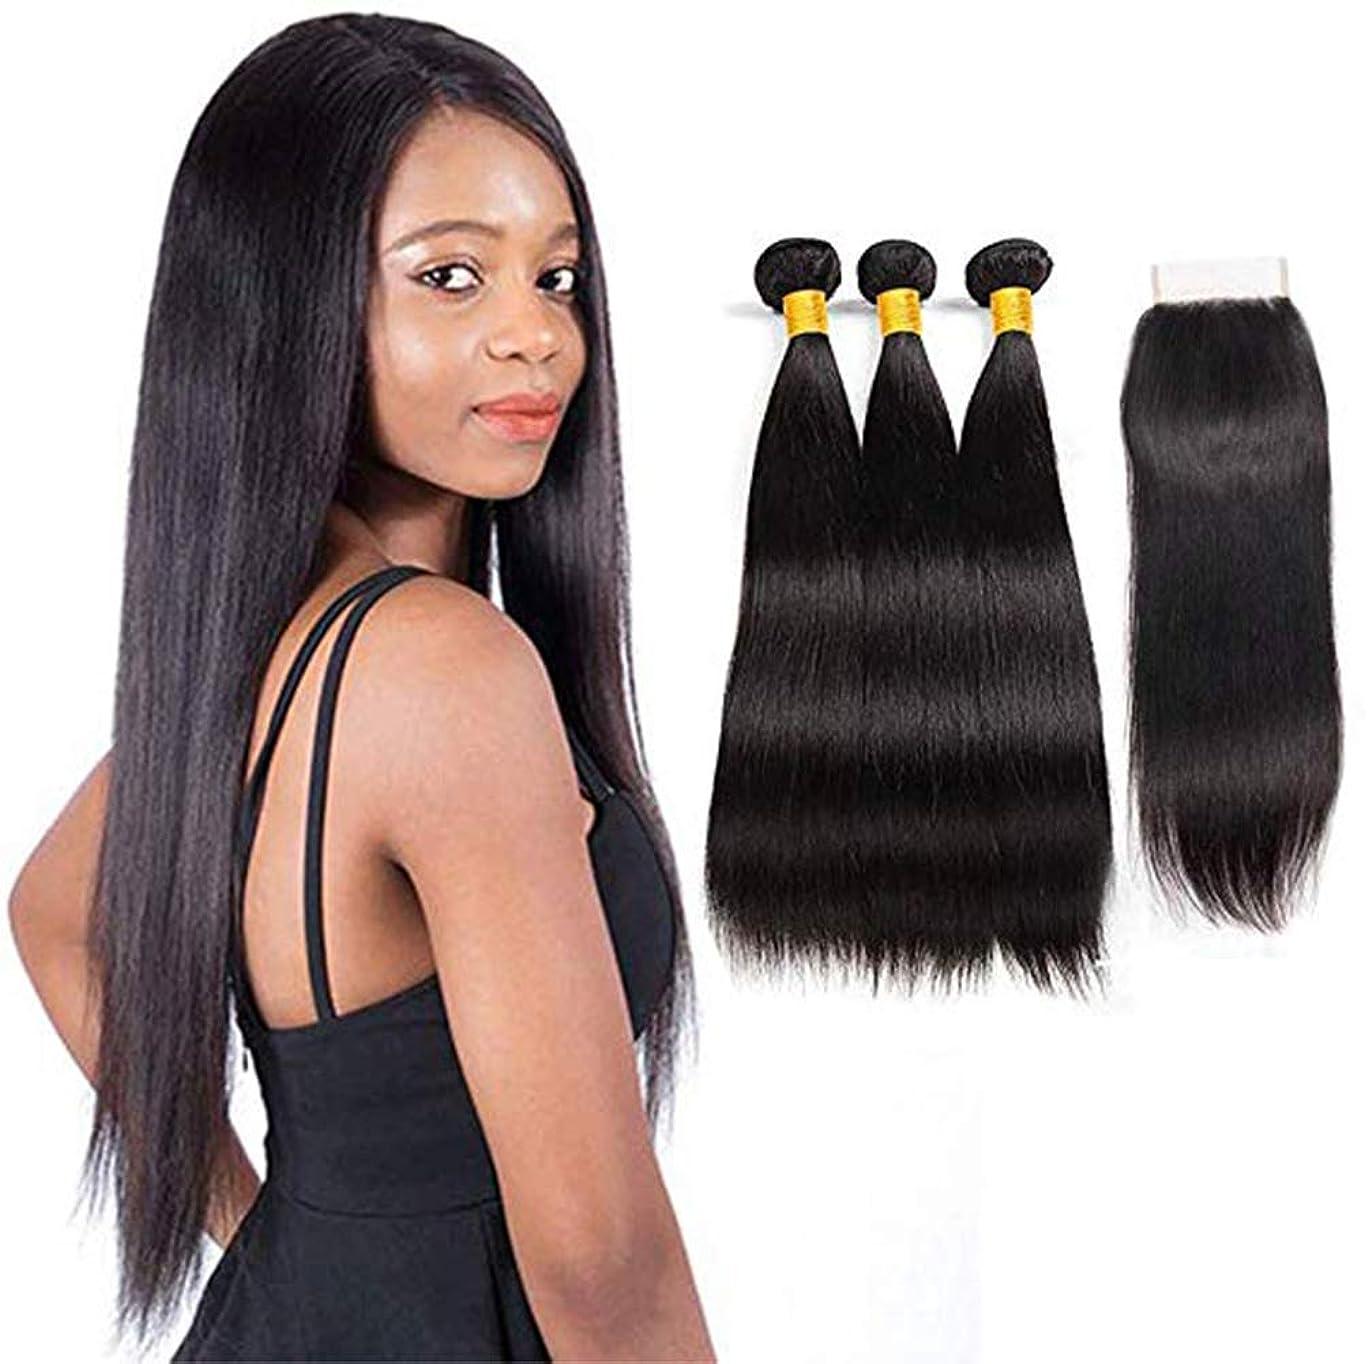 つまずくテレビ悲しい毛織りマレーシアの髪1閉鎖が付いているまっすぐなremy毛閉鎖が付いている人間の毛髪延長の自然な二重よこ糸